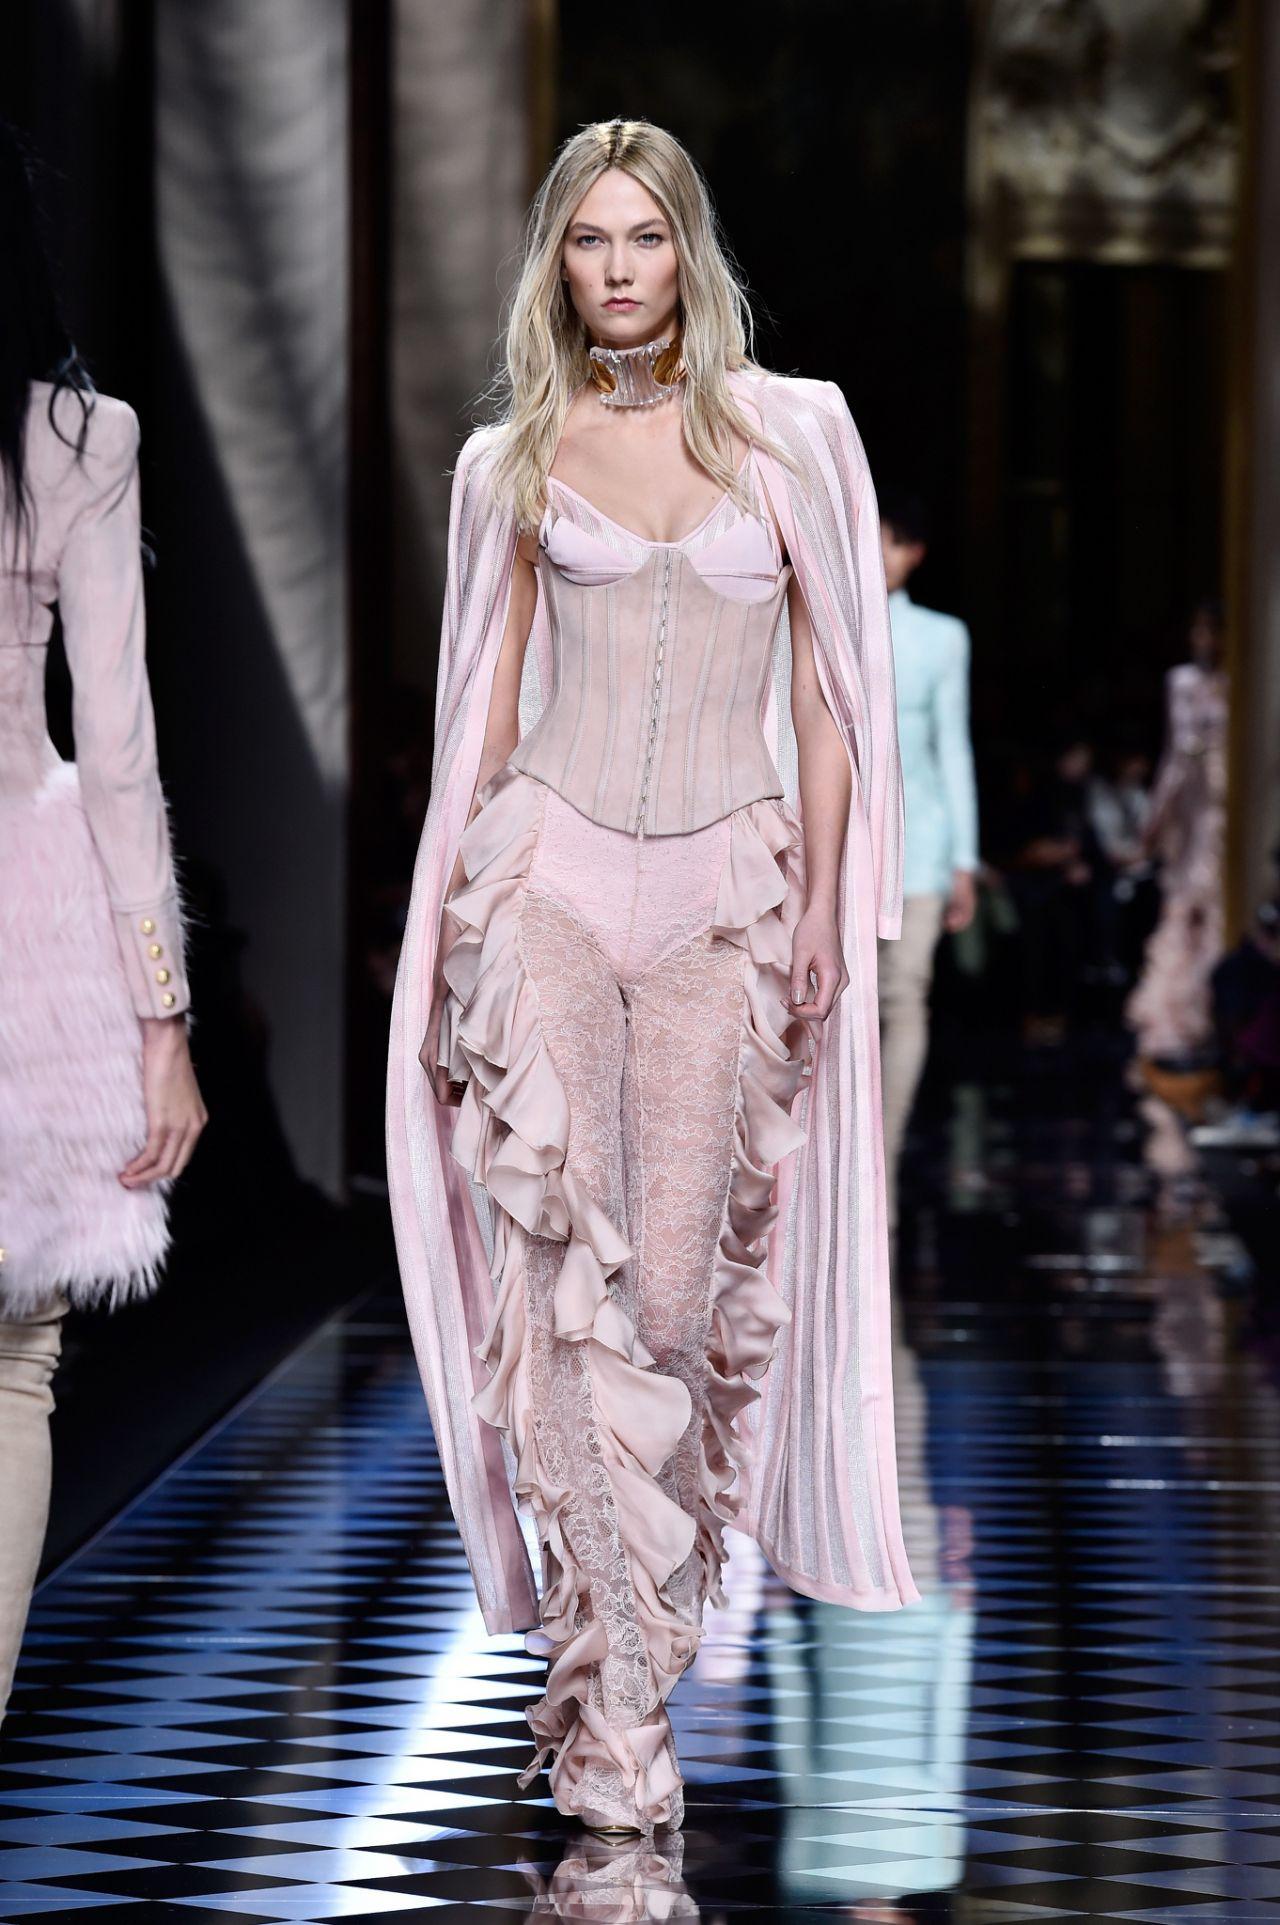 Karlie Kloss - Balmain Fashion Show